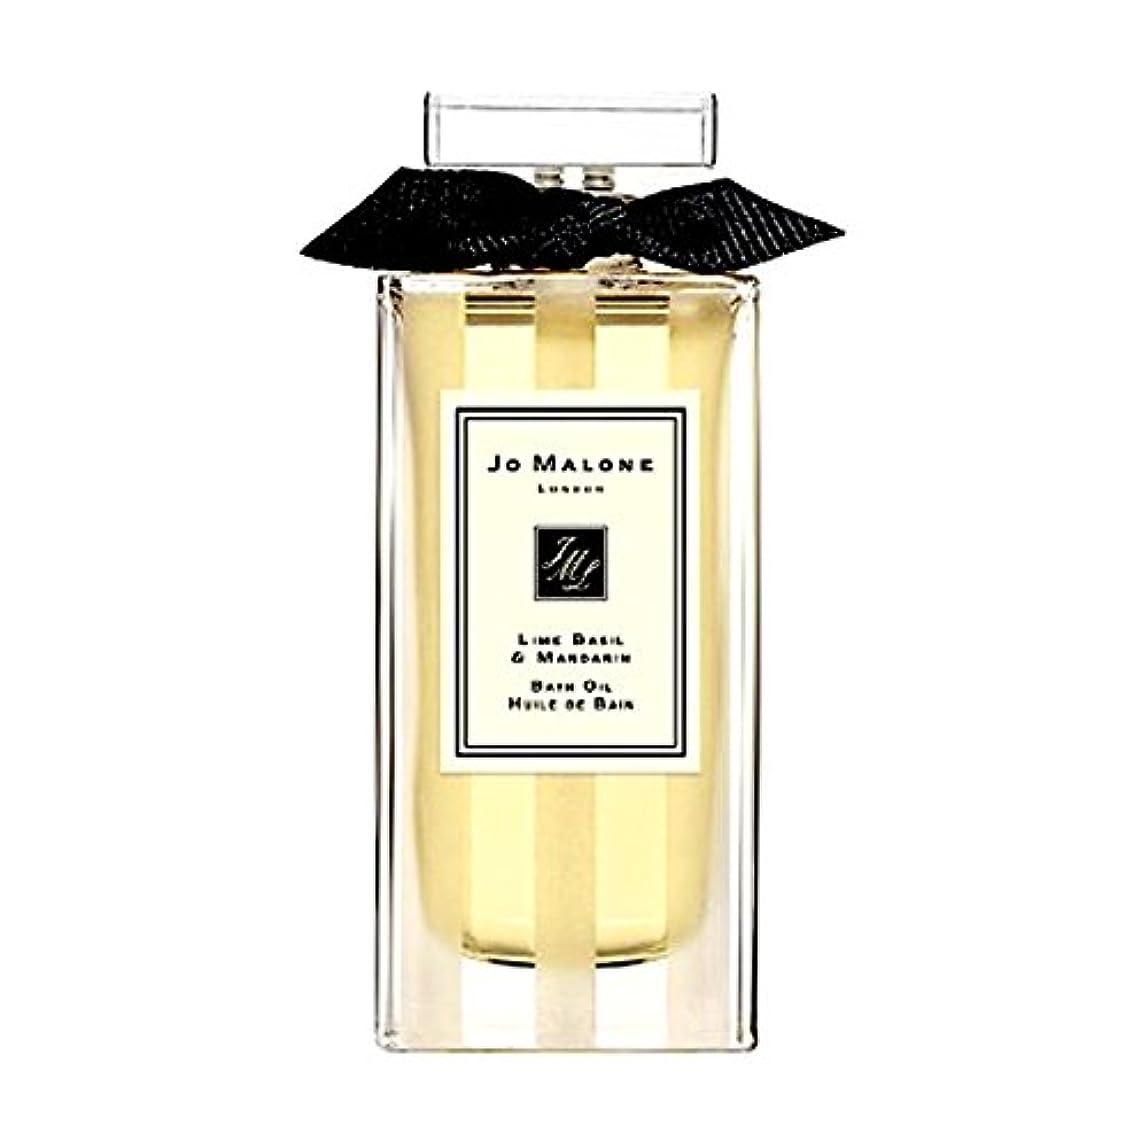 松霧概念Jo Maloneジョーマローン, バスオイル -ライムバジル&マンダリン (30ml),' Lime Basil & Mandarin' Bath Oil (1oz) [海外直送品] [並行輸入品]